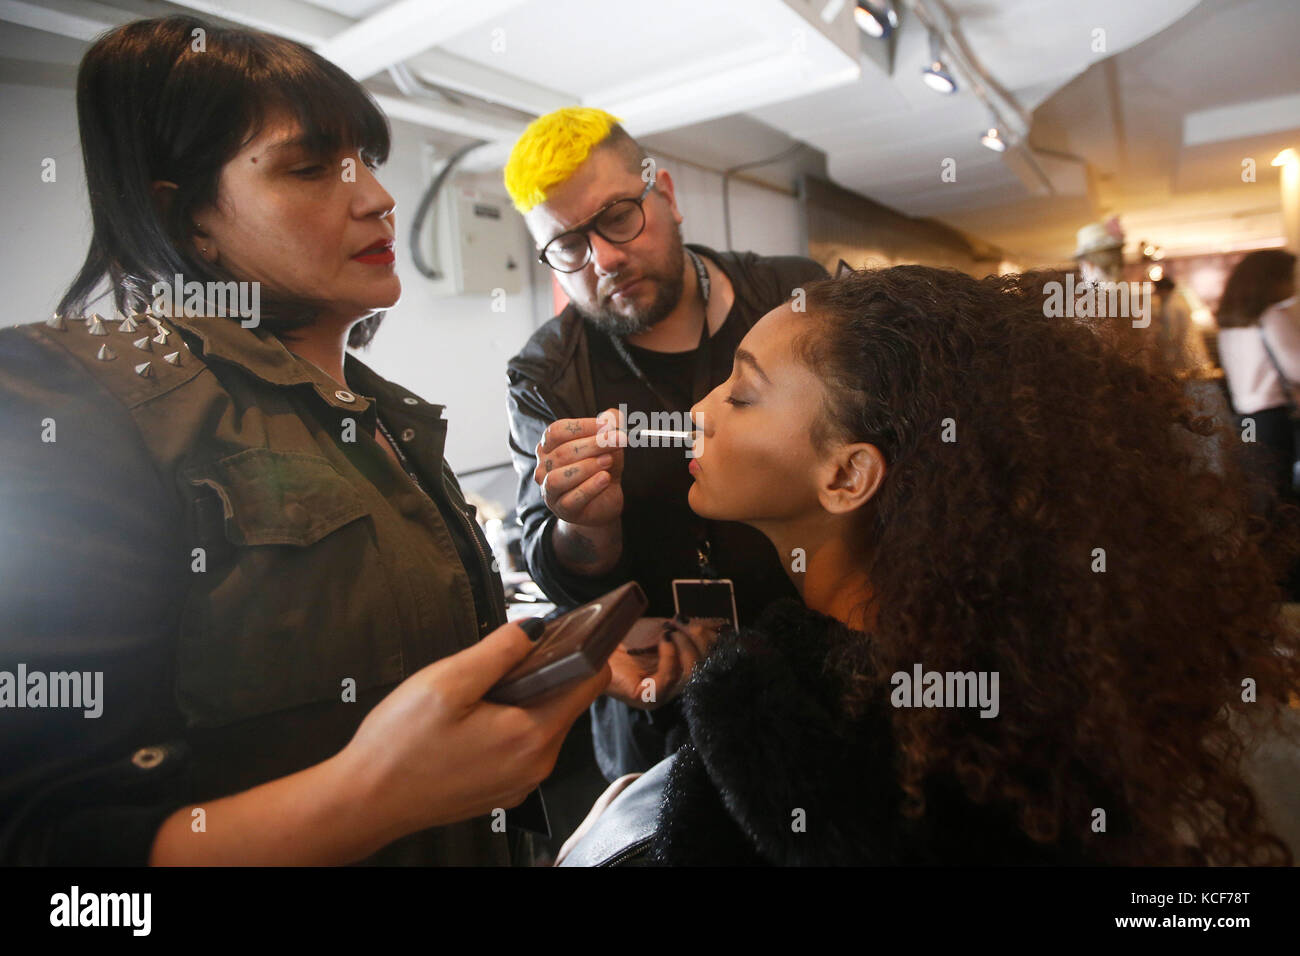 Santiago, Chile. 05 Okt, 2017. Make-up Künstler ein Modell vor einer Fashion Show vorbereiten, während Stockbild